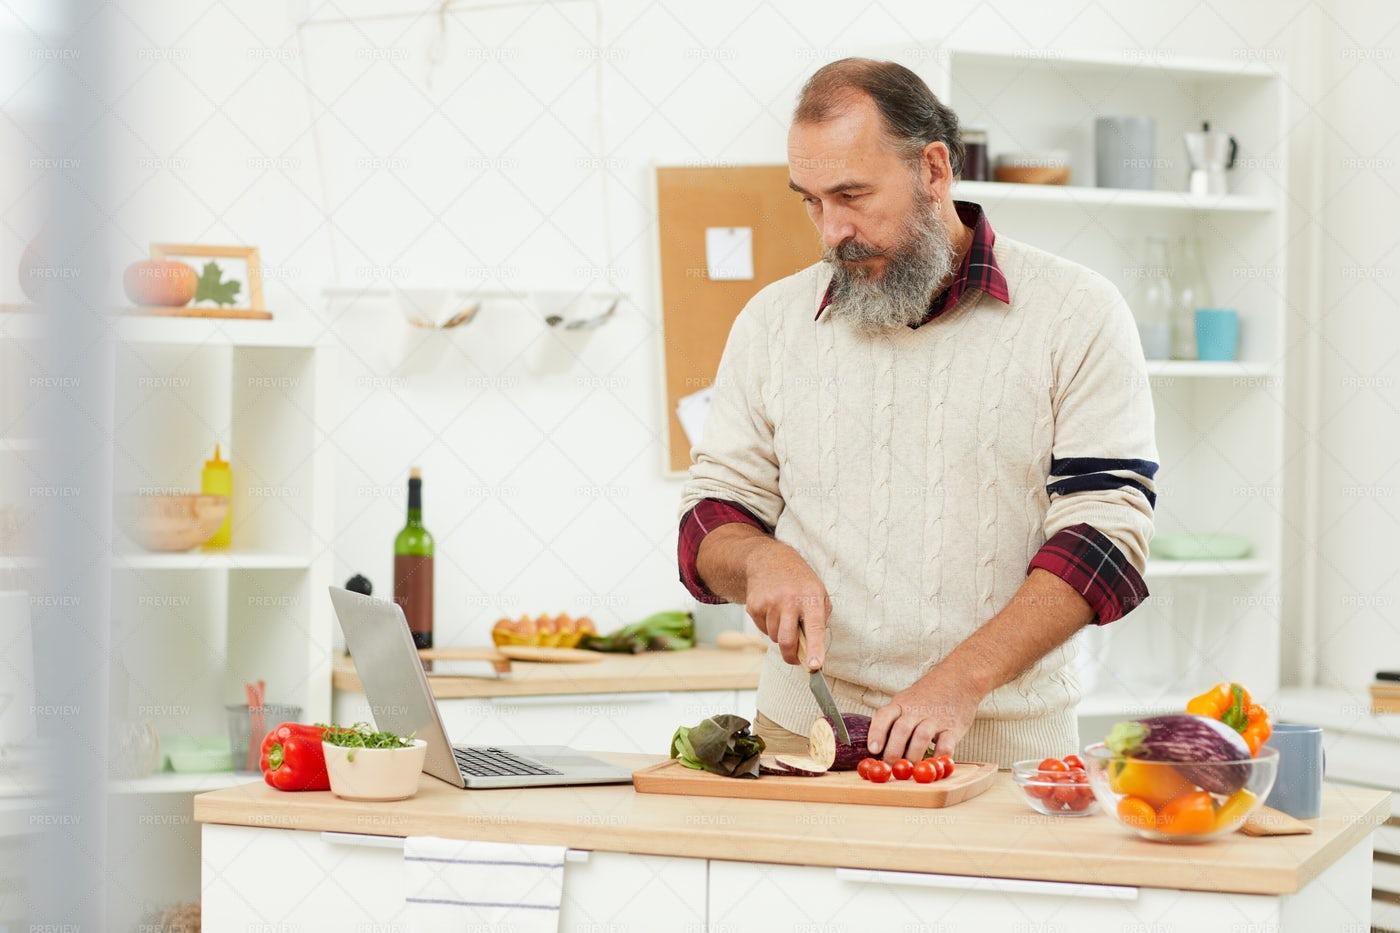 Senior Man Watching Cooking...: Stock Photos